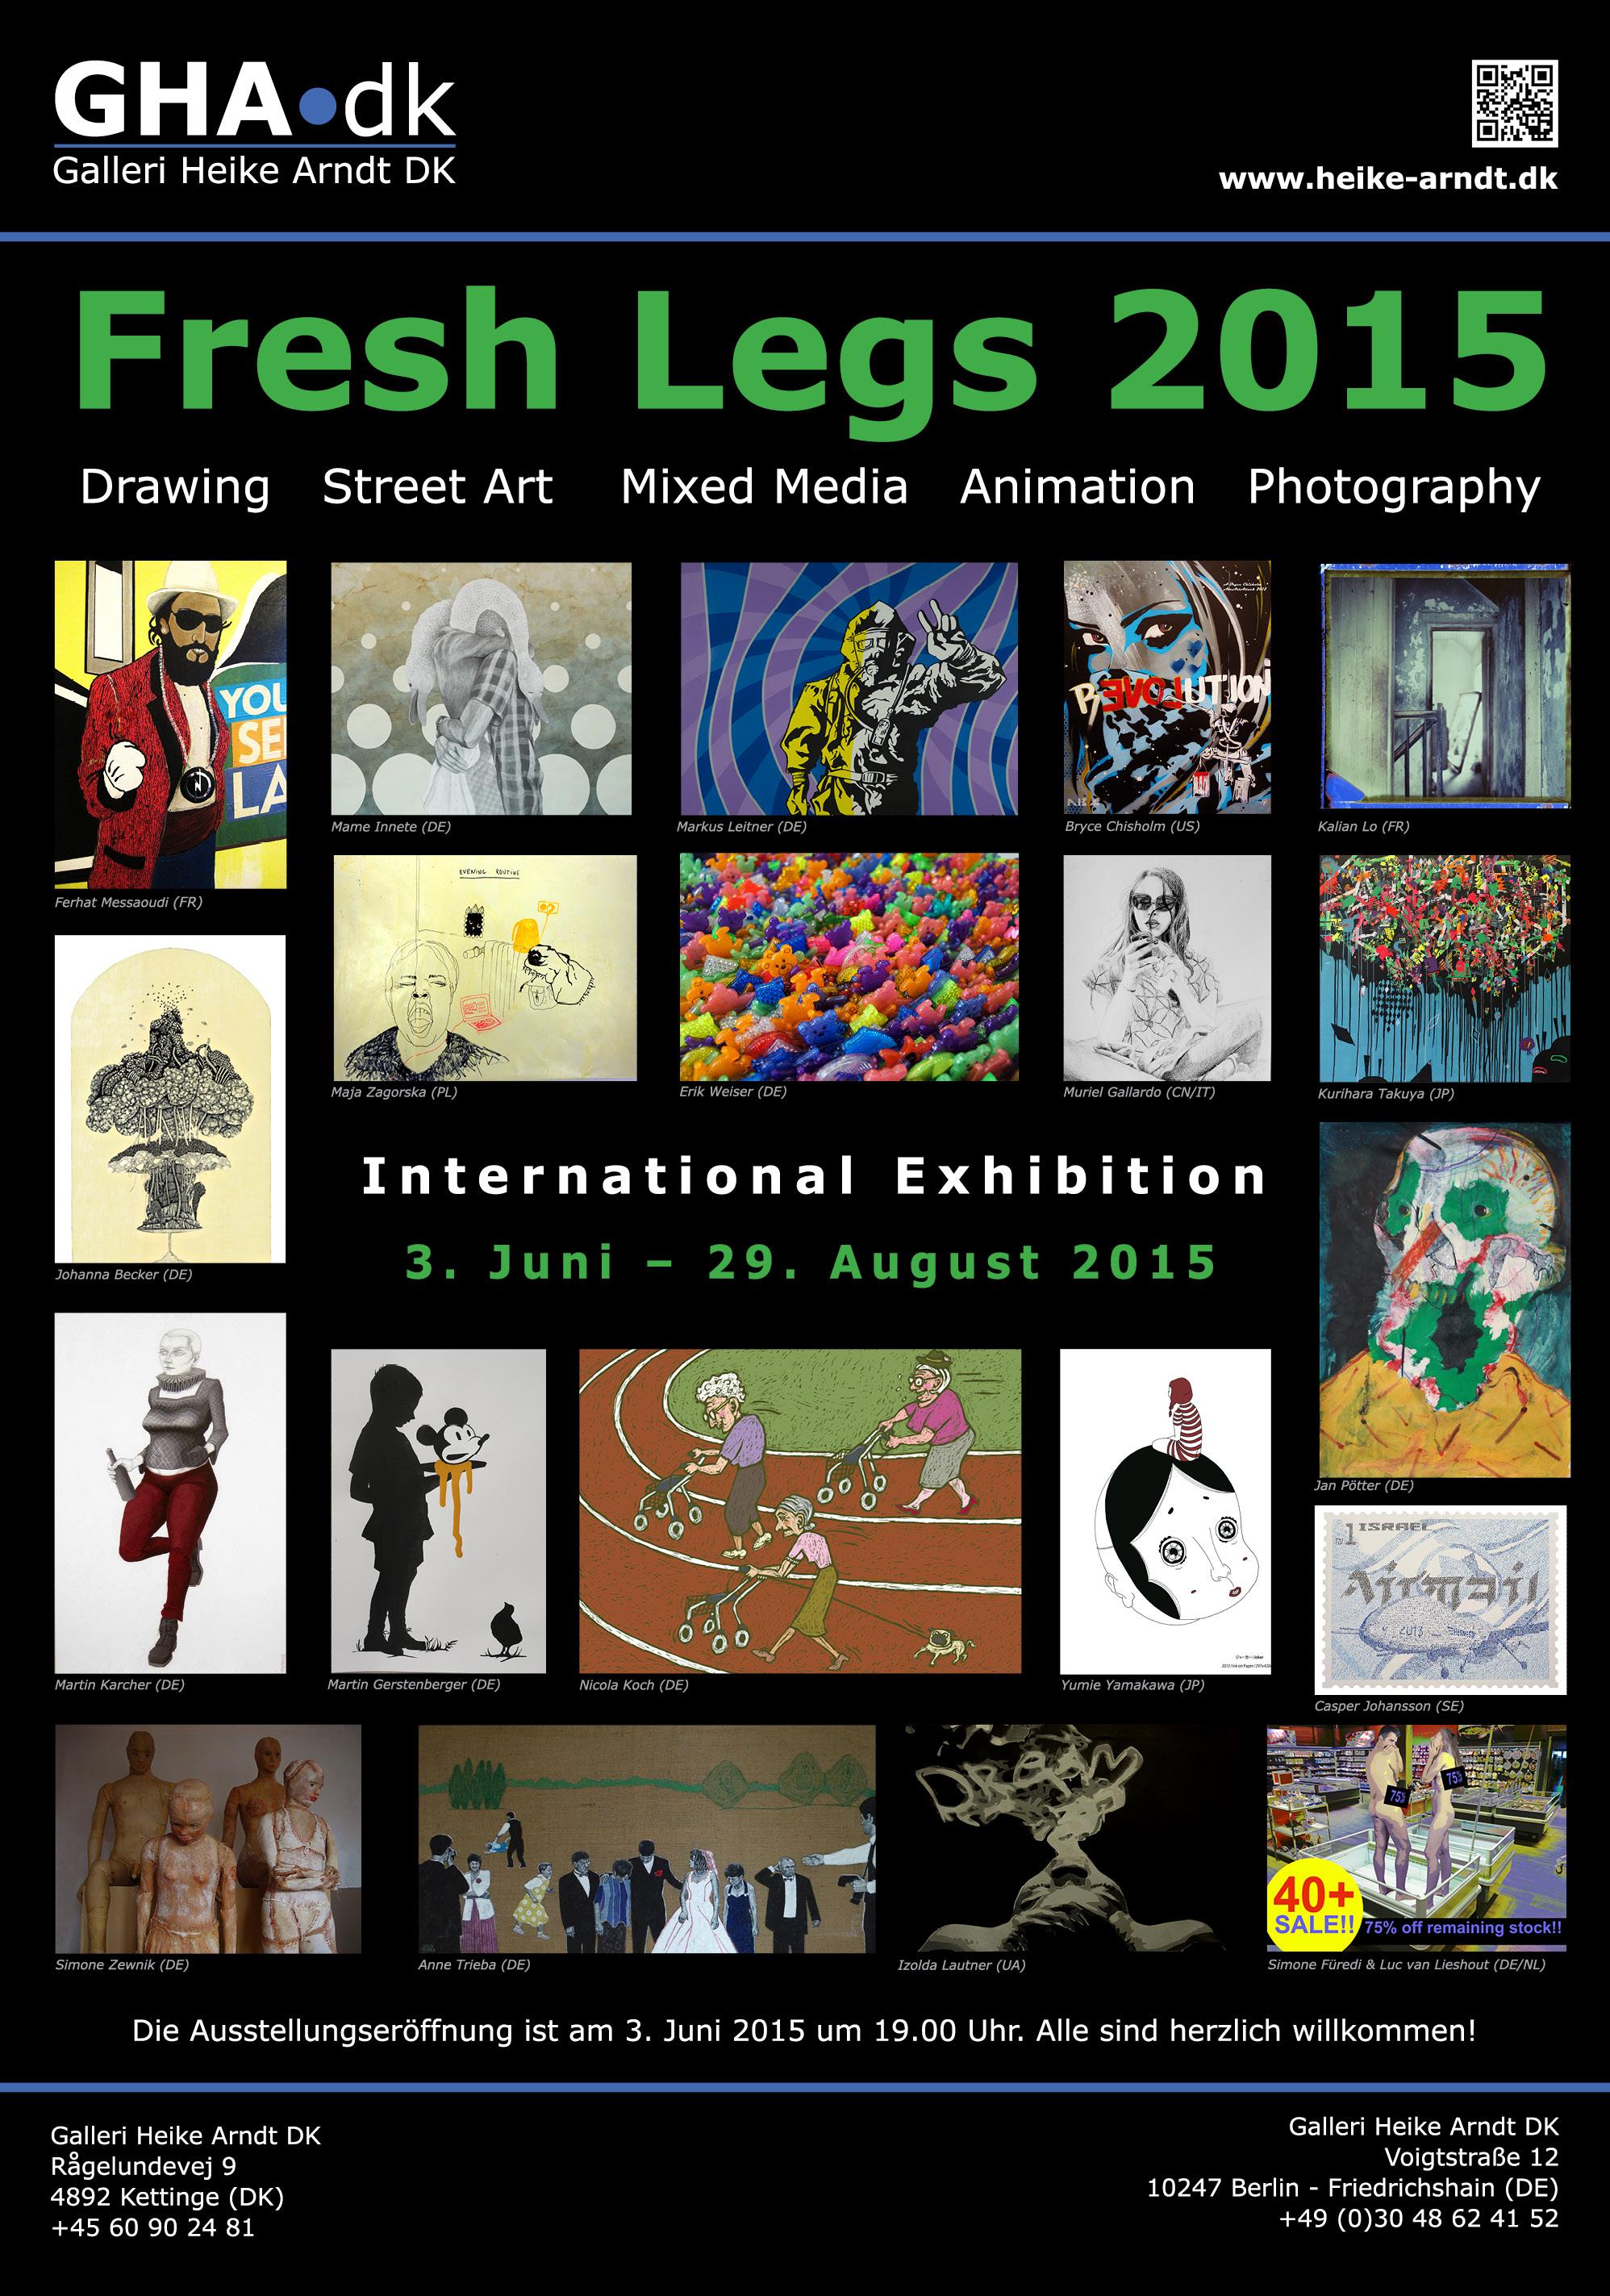 Fresh Legs- Gallery Heike Arndt